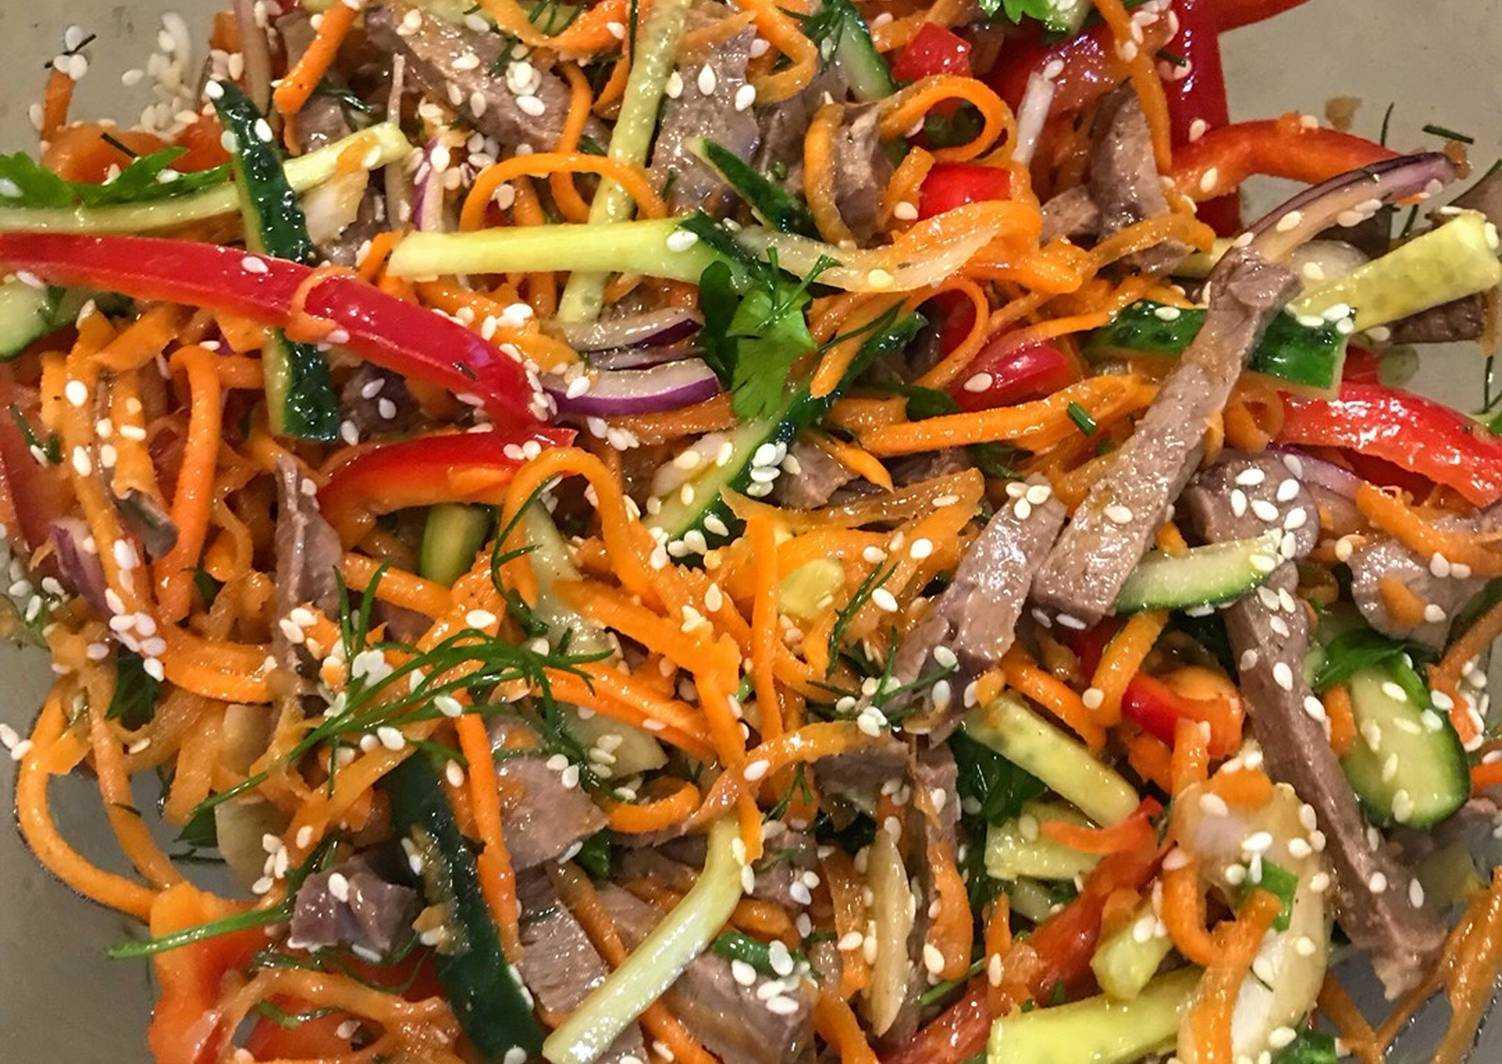 Салат сердце ко дню влюбленных с курицей рецепт с фото пошагово - 1000.menu